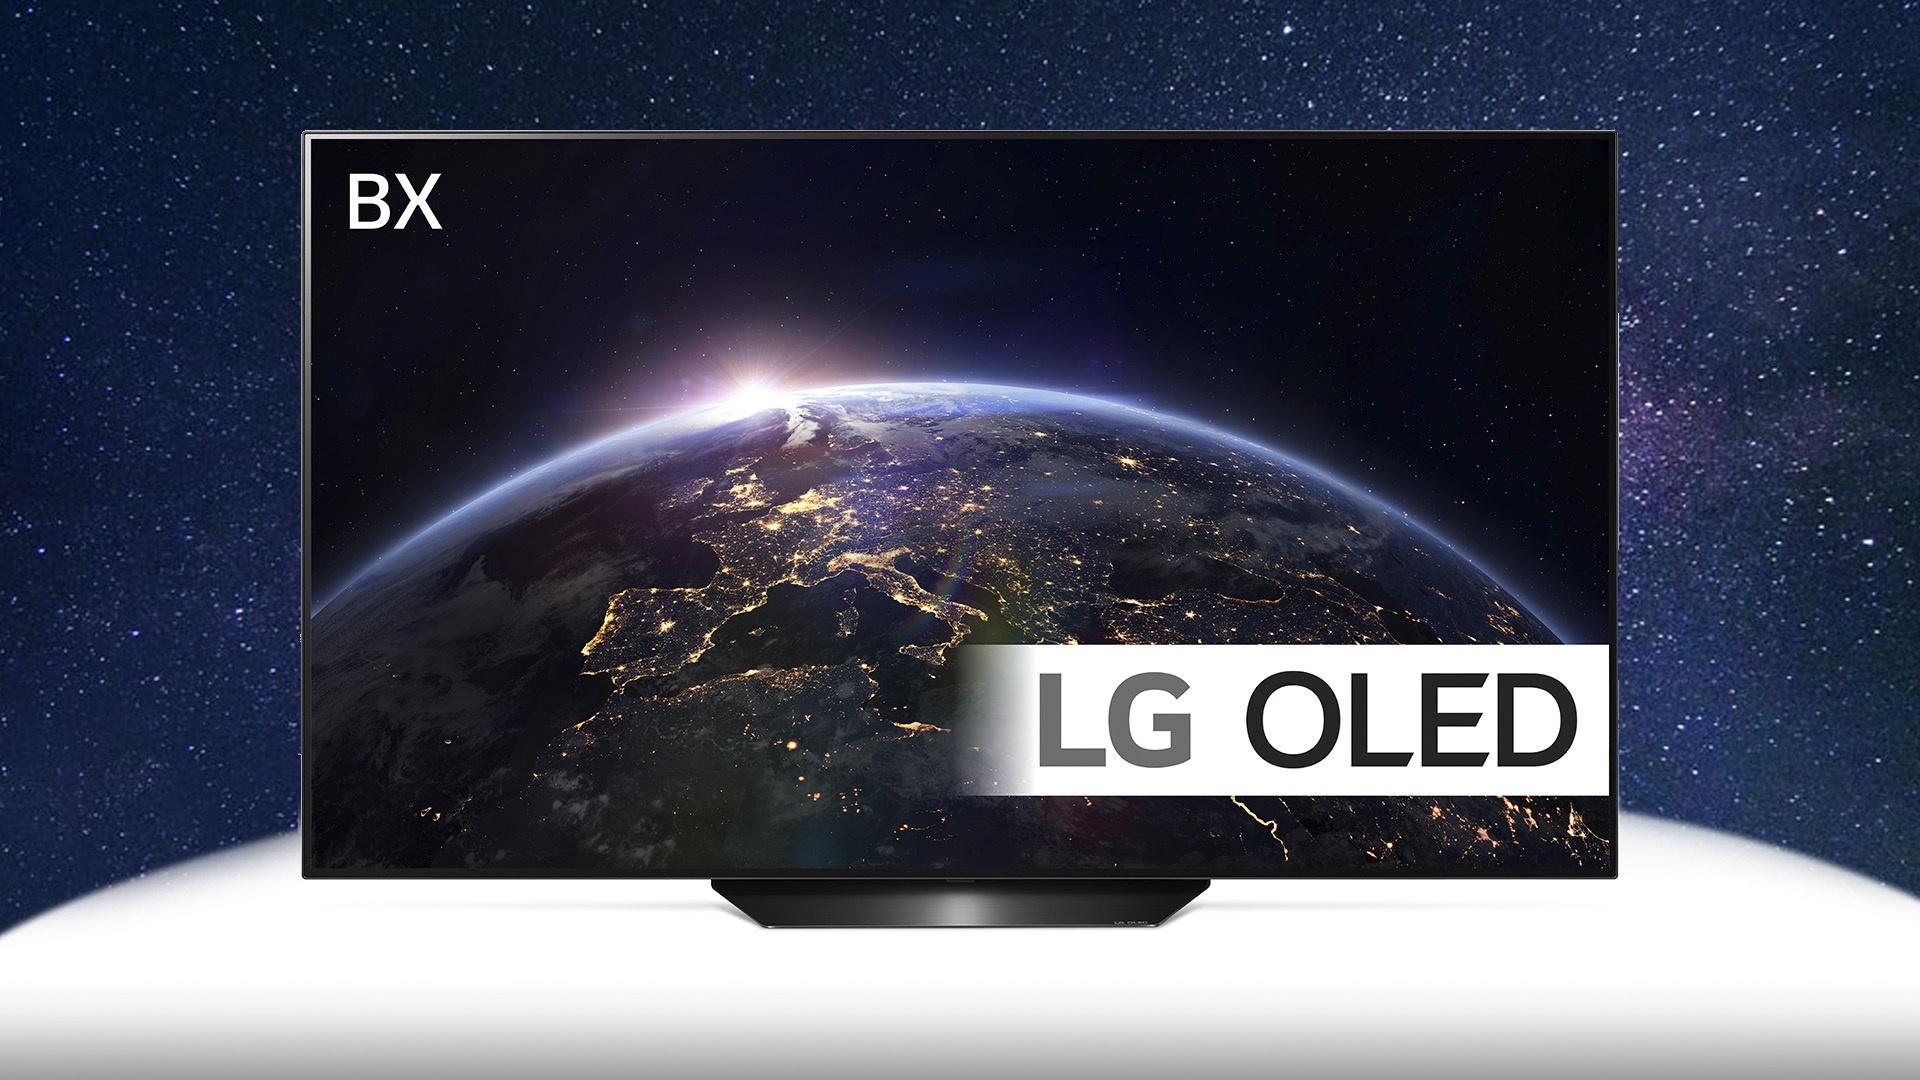 LG OLED BX